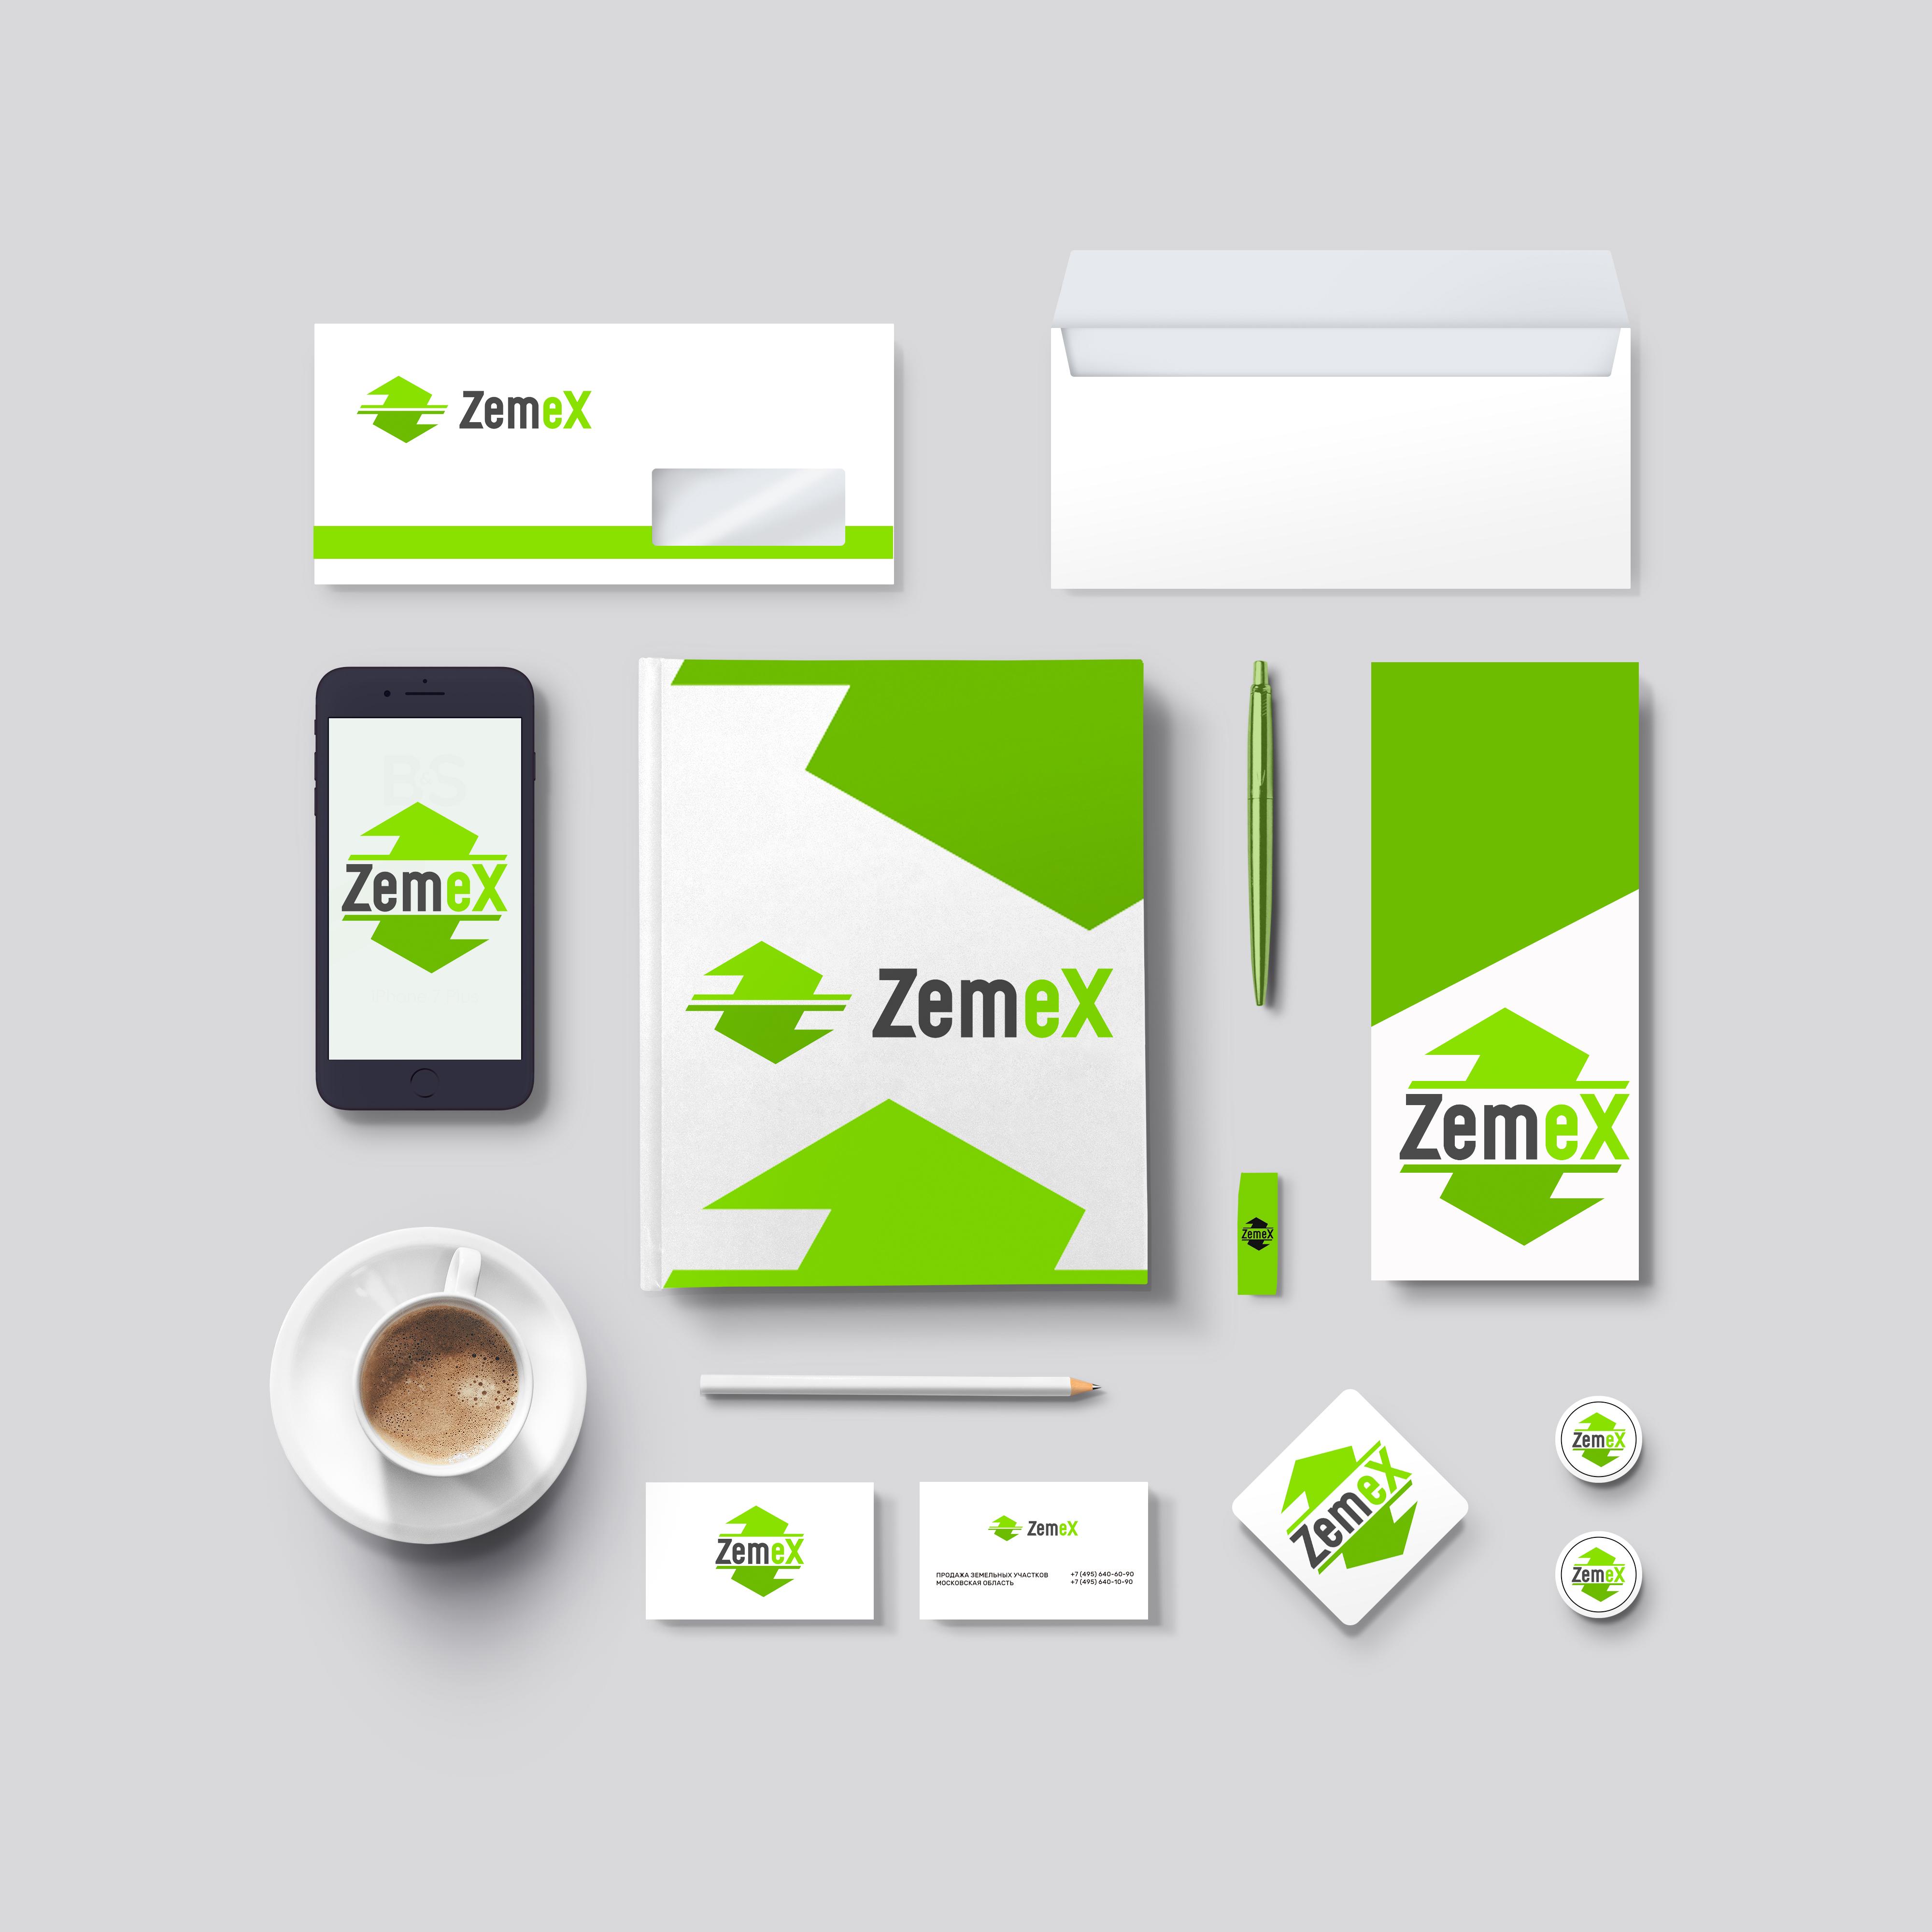 Создание логотипа и фирменного стиля фото f_92259e60e2ab73f0.jpg